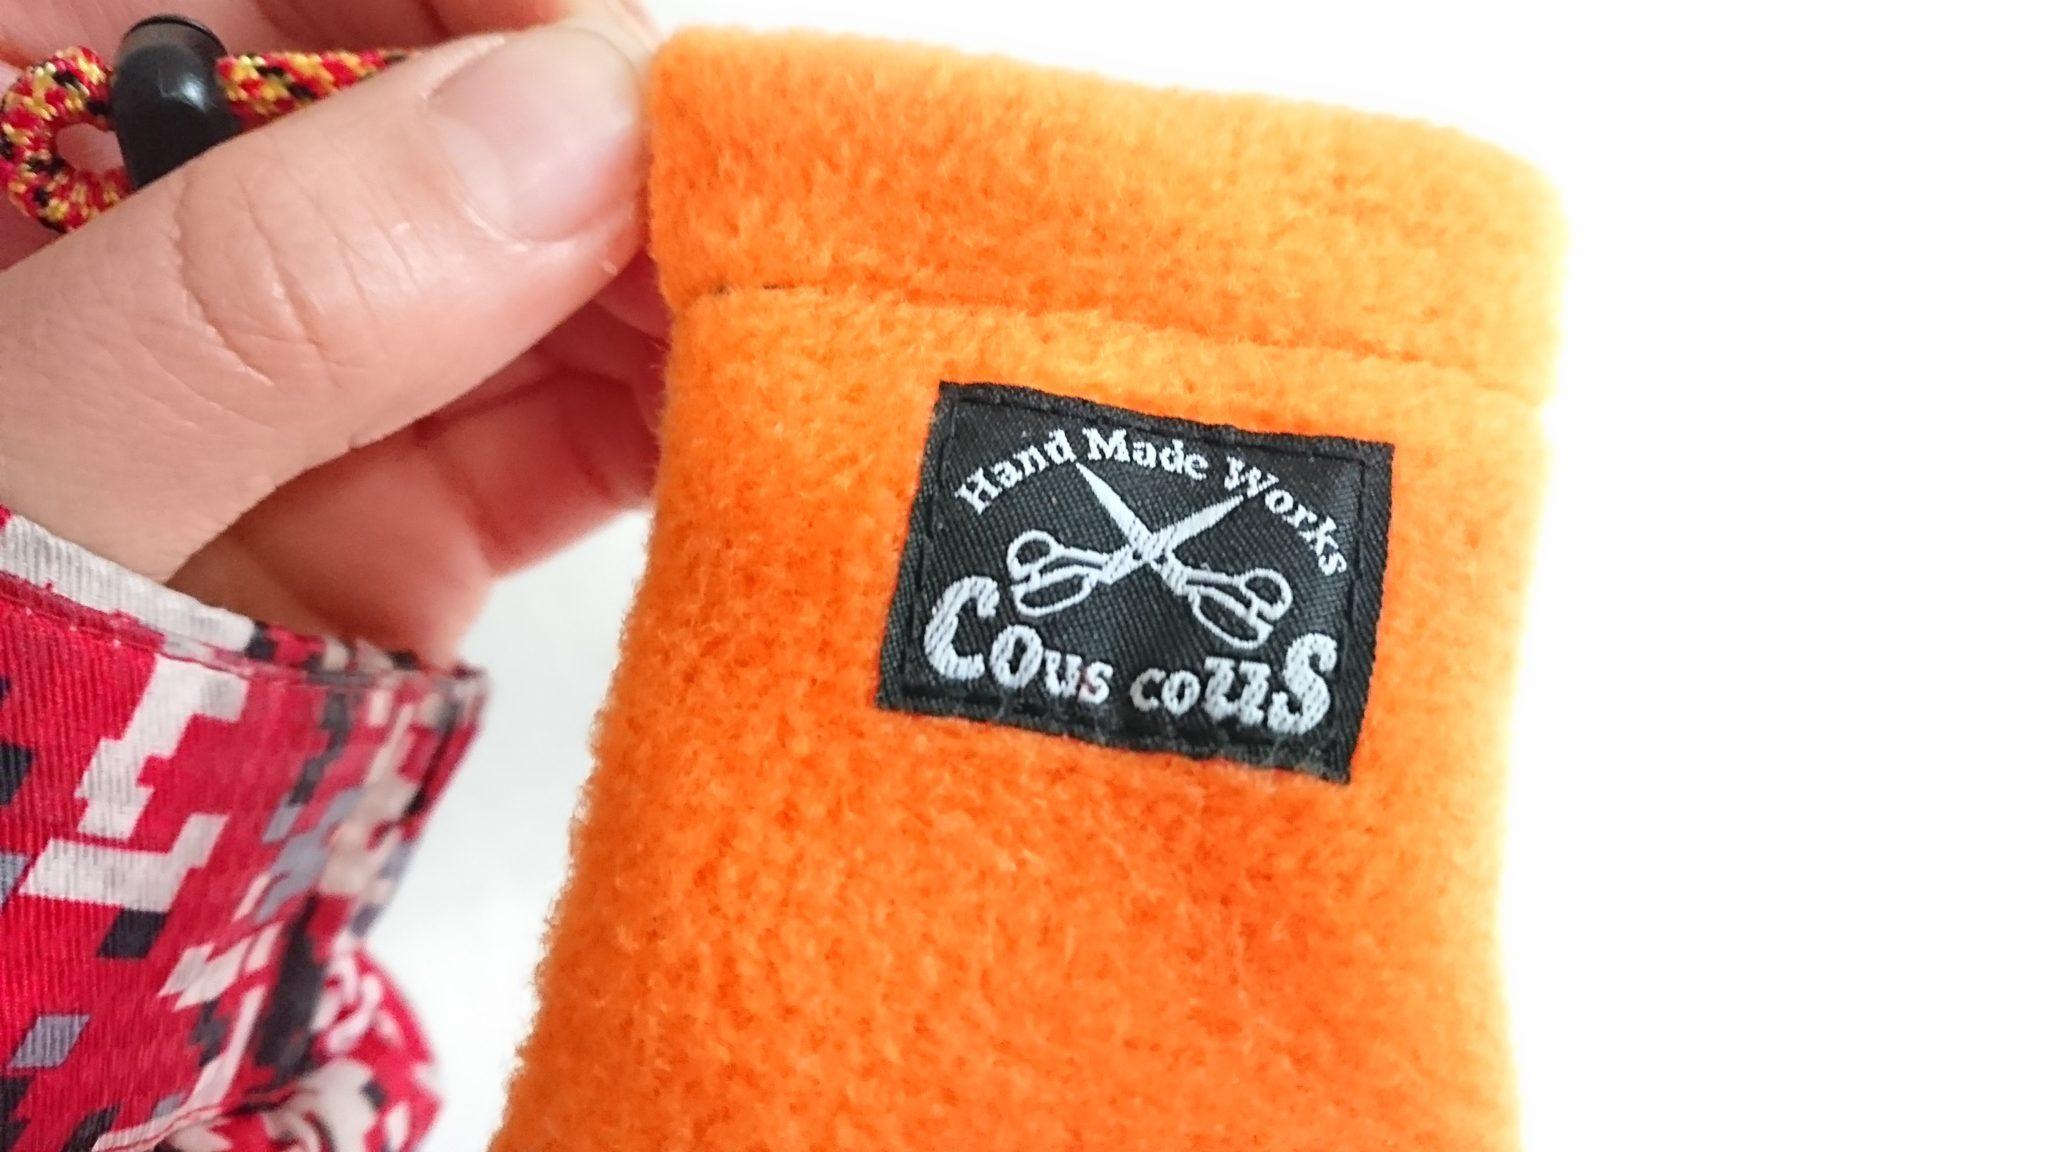 DSC 2010 - 【レビュー】エィミイおすすめ!Couscous(クスクス)のVAPEソックスが冬のベイパーを救う!VAPEポーチMも便利便利【小物/アクセサリ】